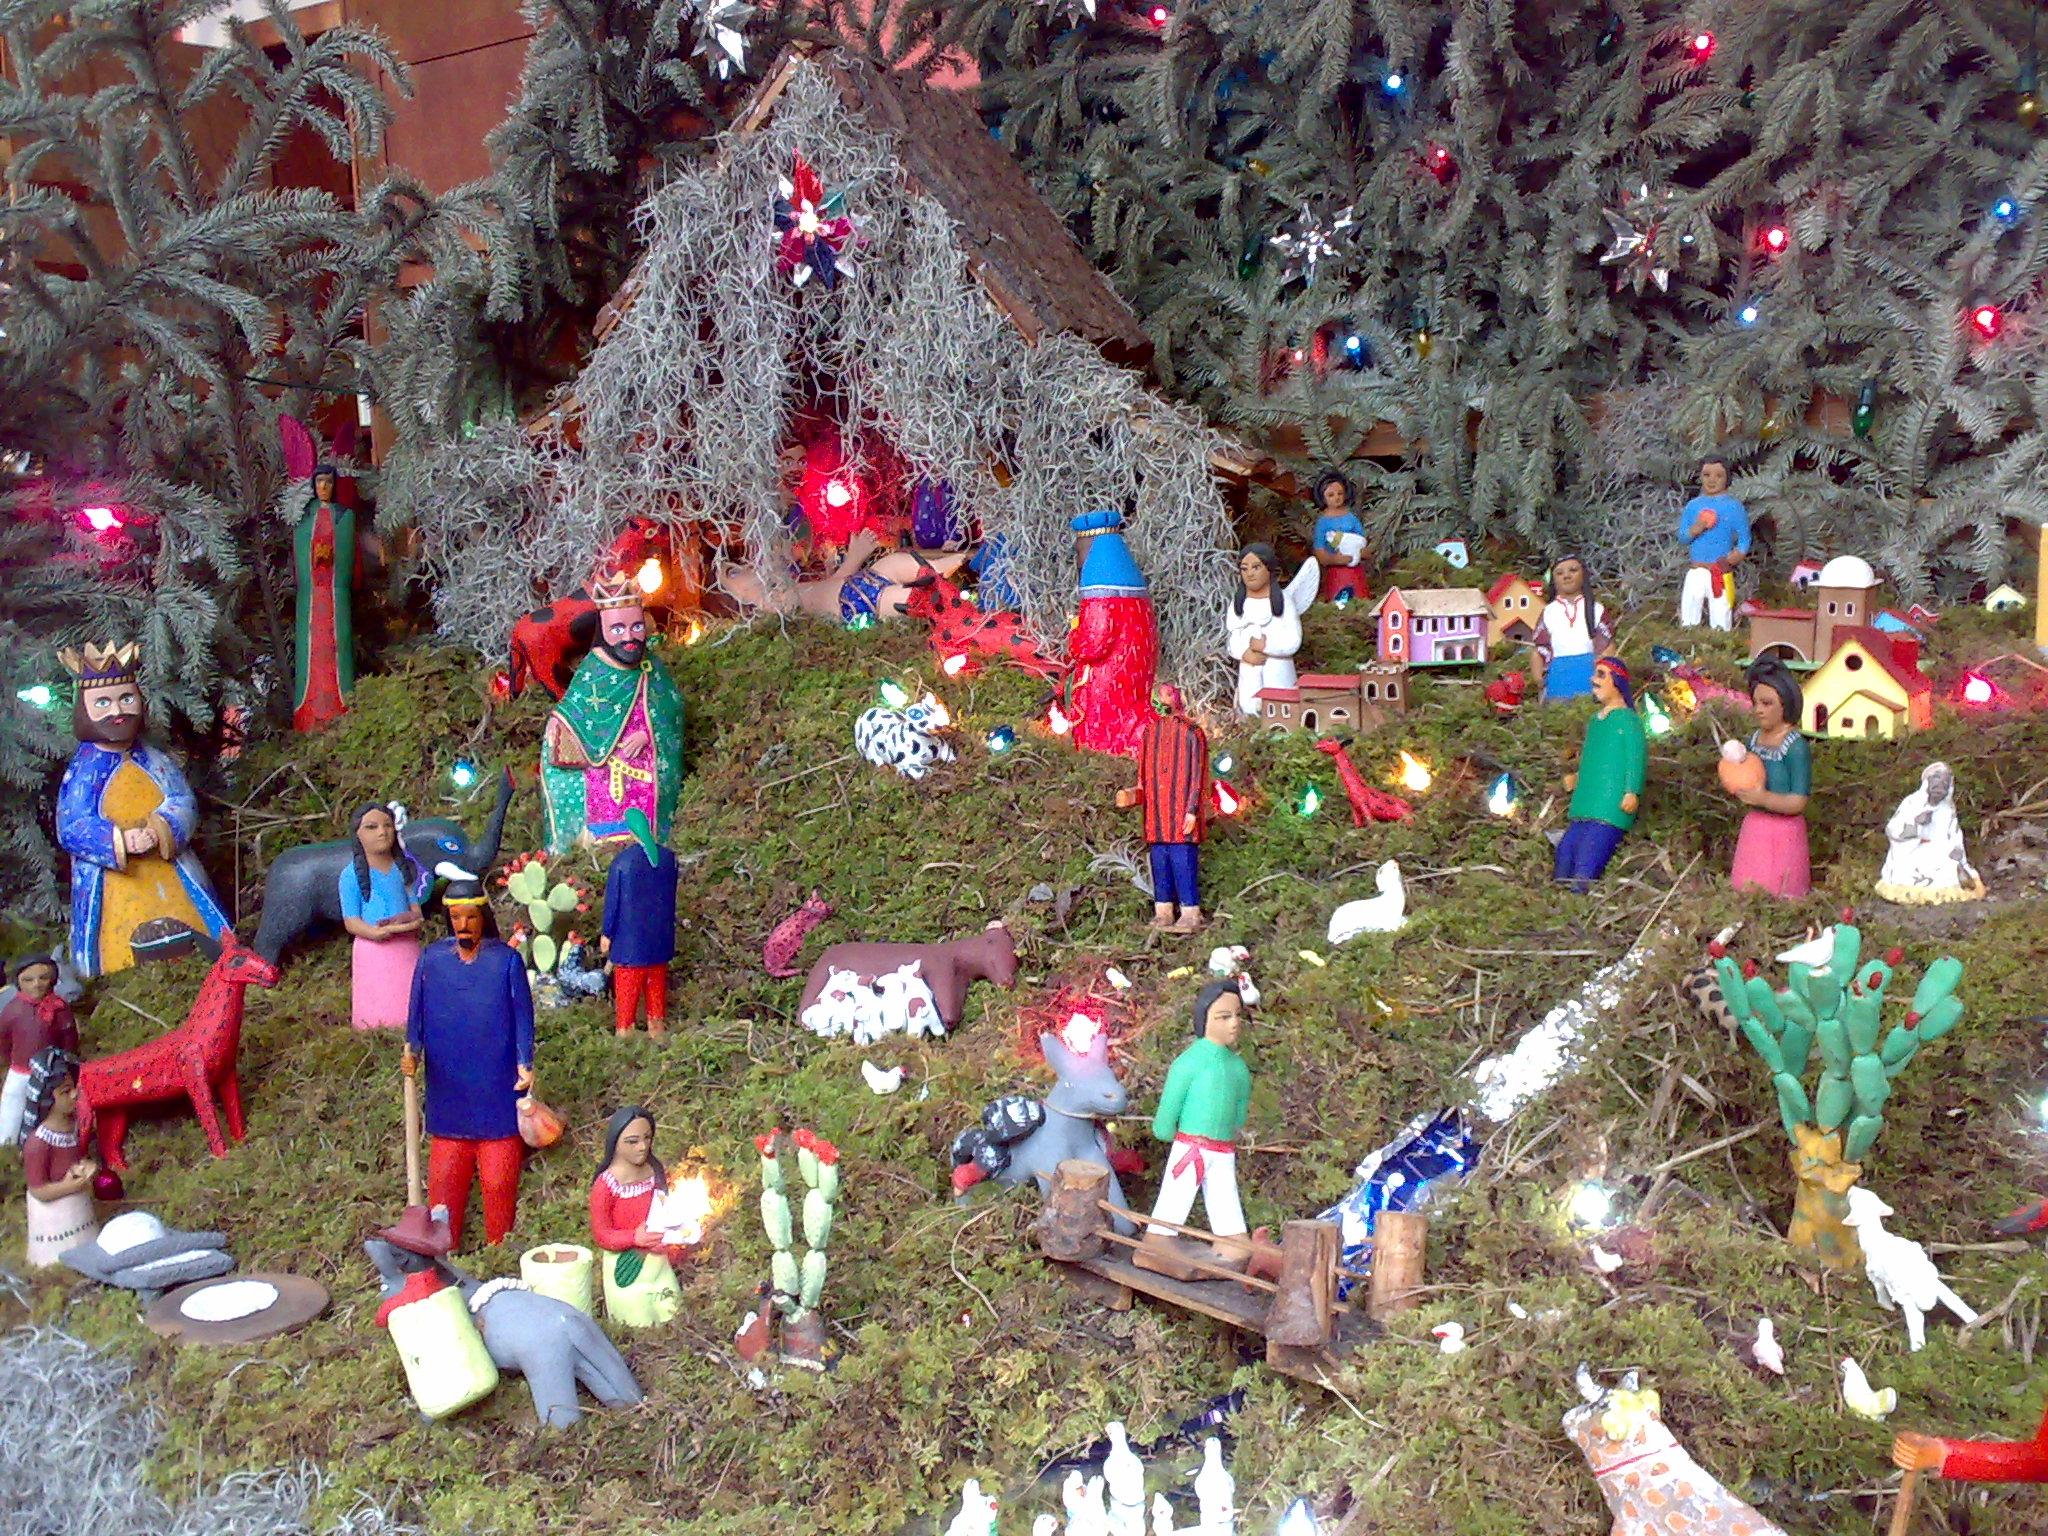 17 diciembre 2009 viajandoandamos 39 s blog - Nacimiento para navidad ...